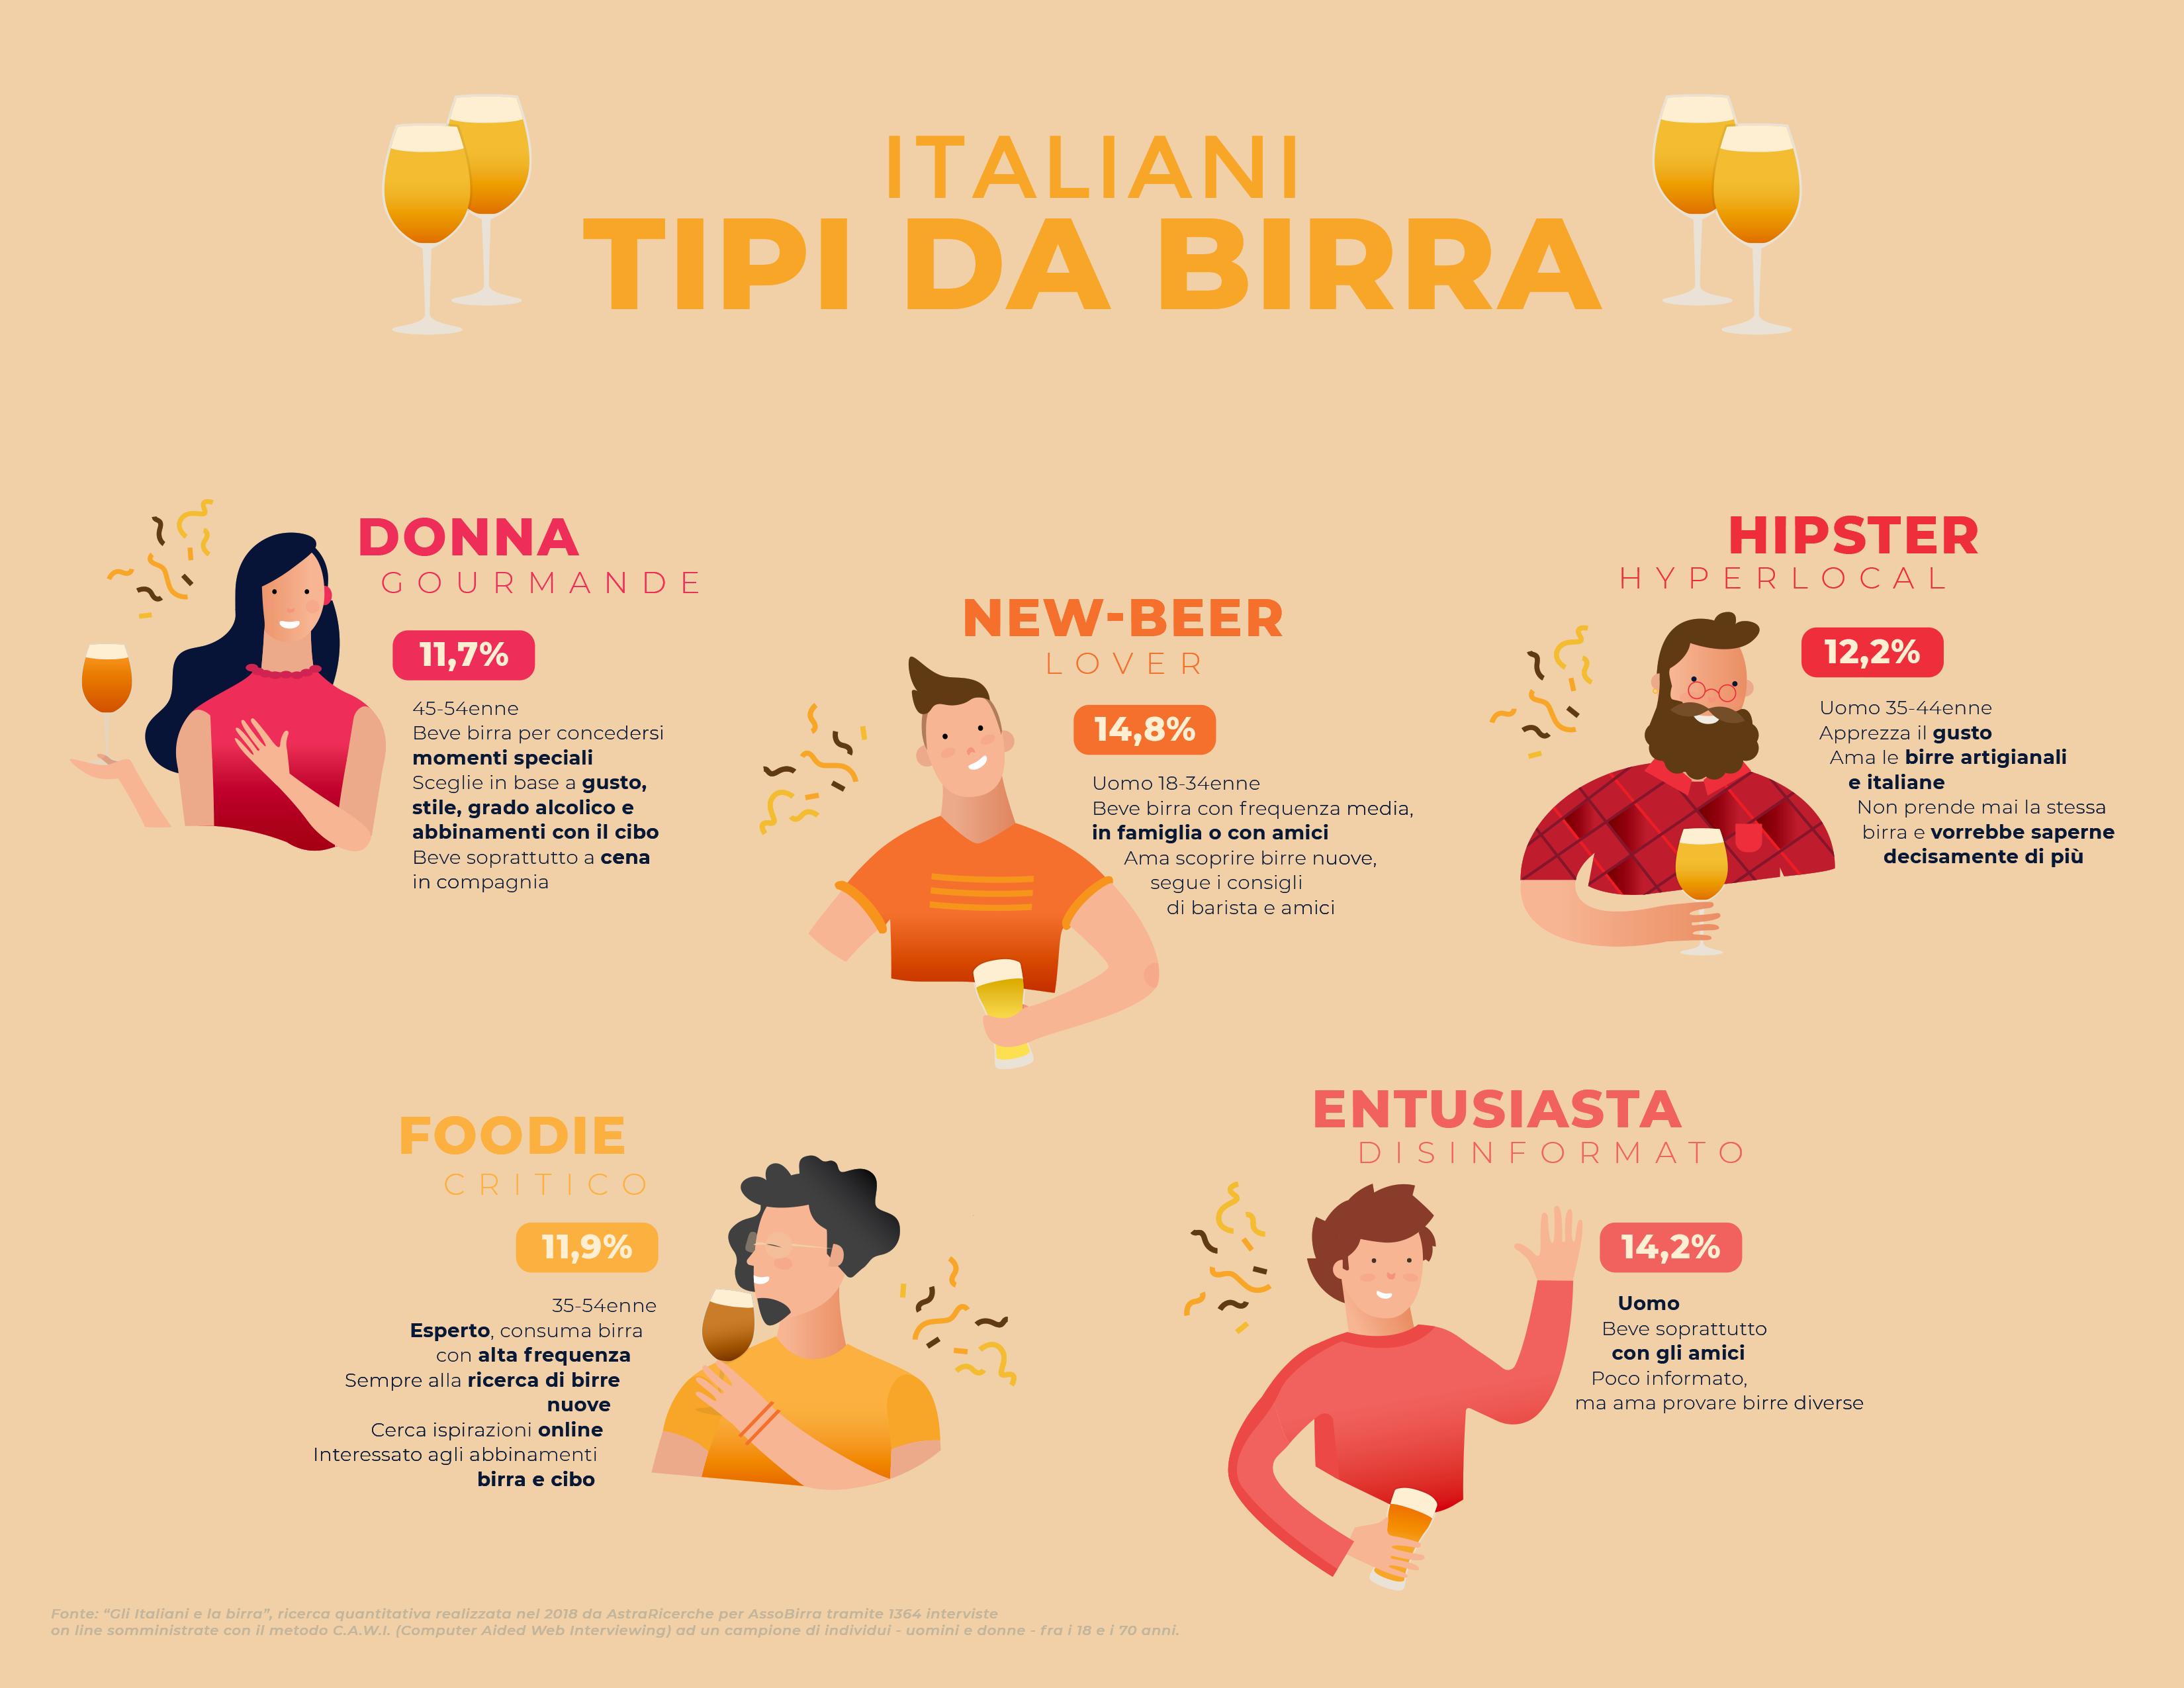 ecco l'identikit degli amanti della birra nel nostro Paese - Indagine AstraRicerche per AssoBirra